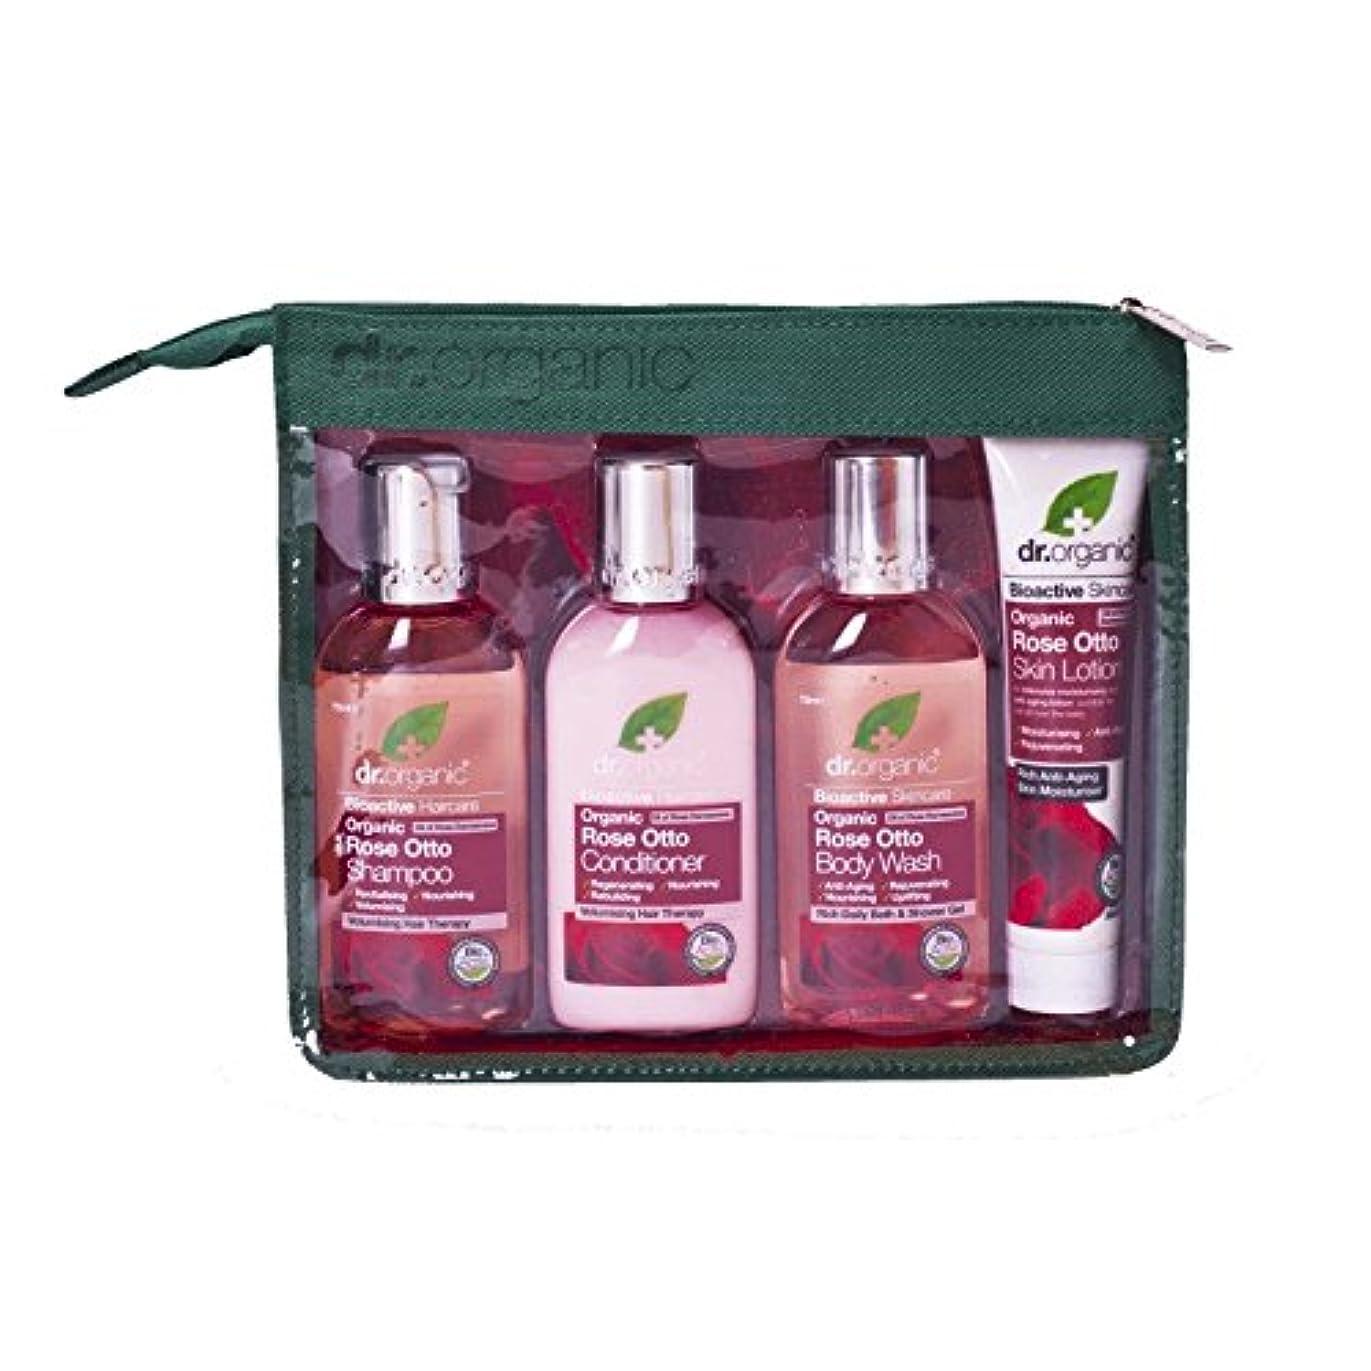 ずっと男性パラナ川Dr Organic Rose Otto Mini Travel Pack (Pack of 6) - Dr有機ミニ旅行パックをオットーローズ (x6) [並行輸入品]